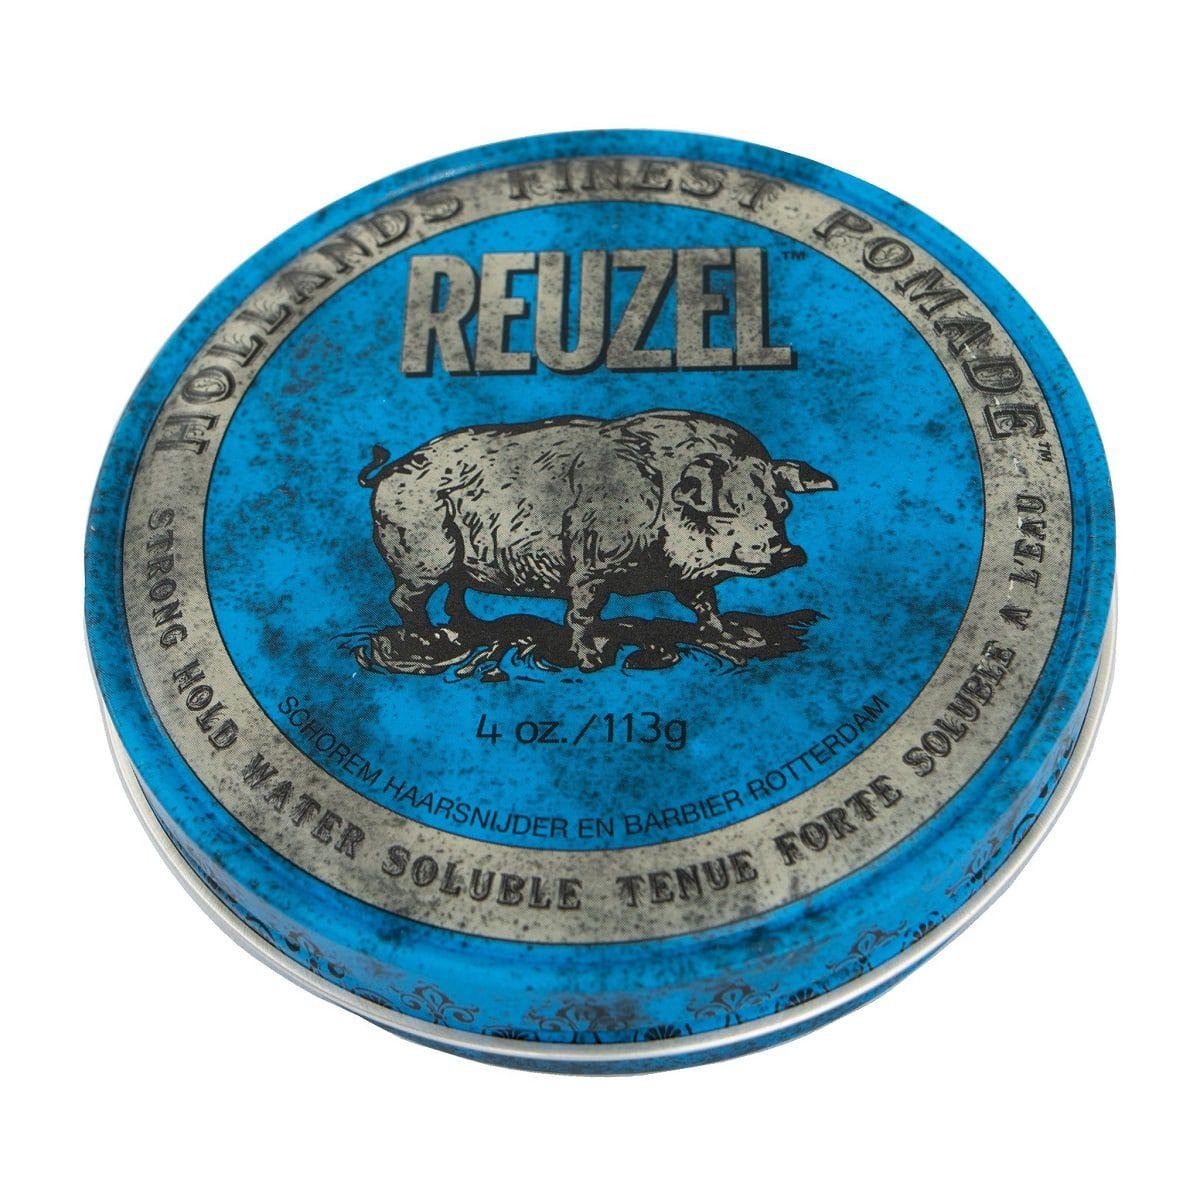 Pomada para Cabelo Reuzel Blue